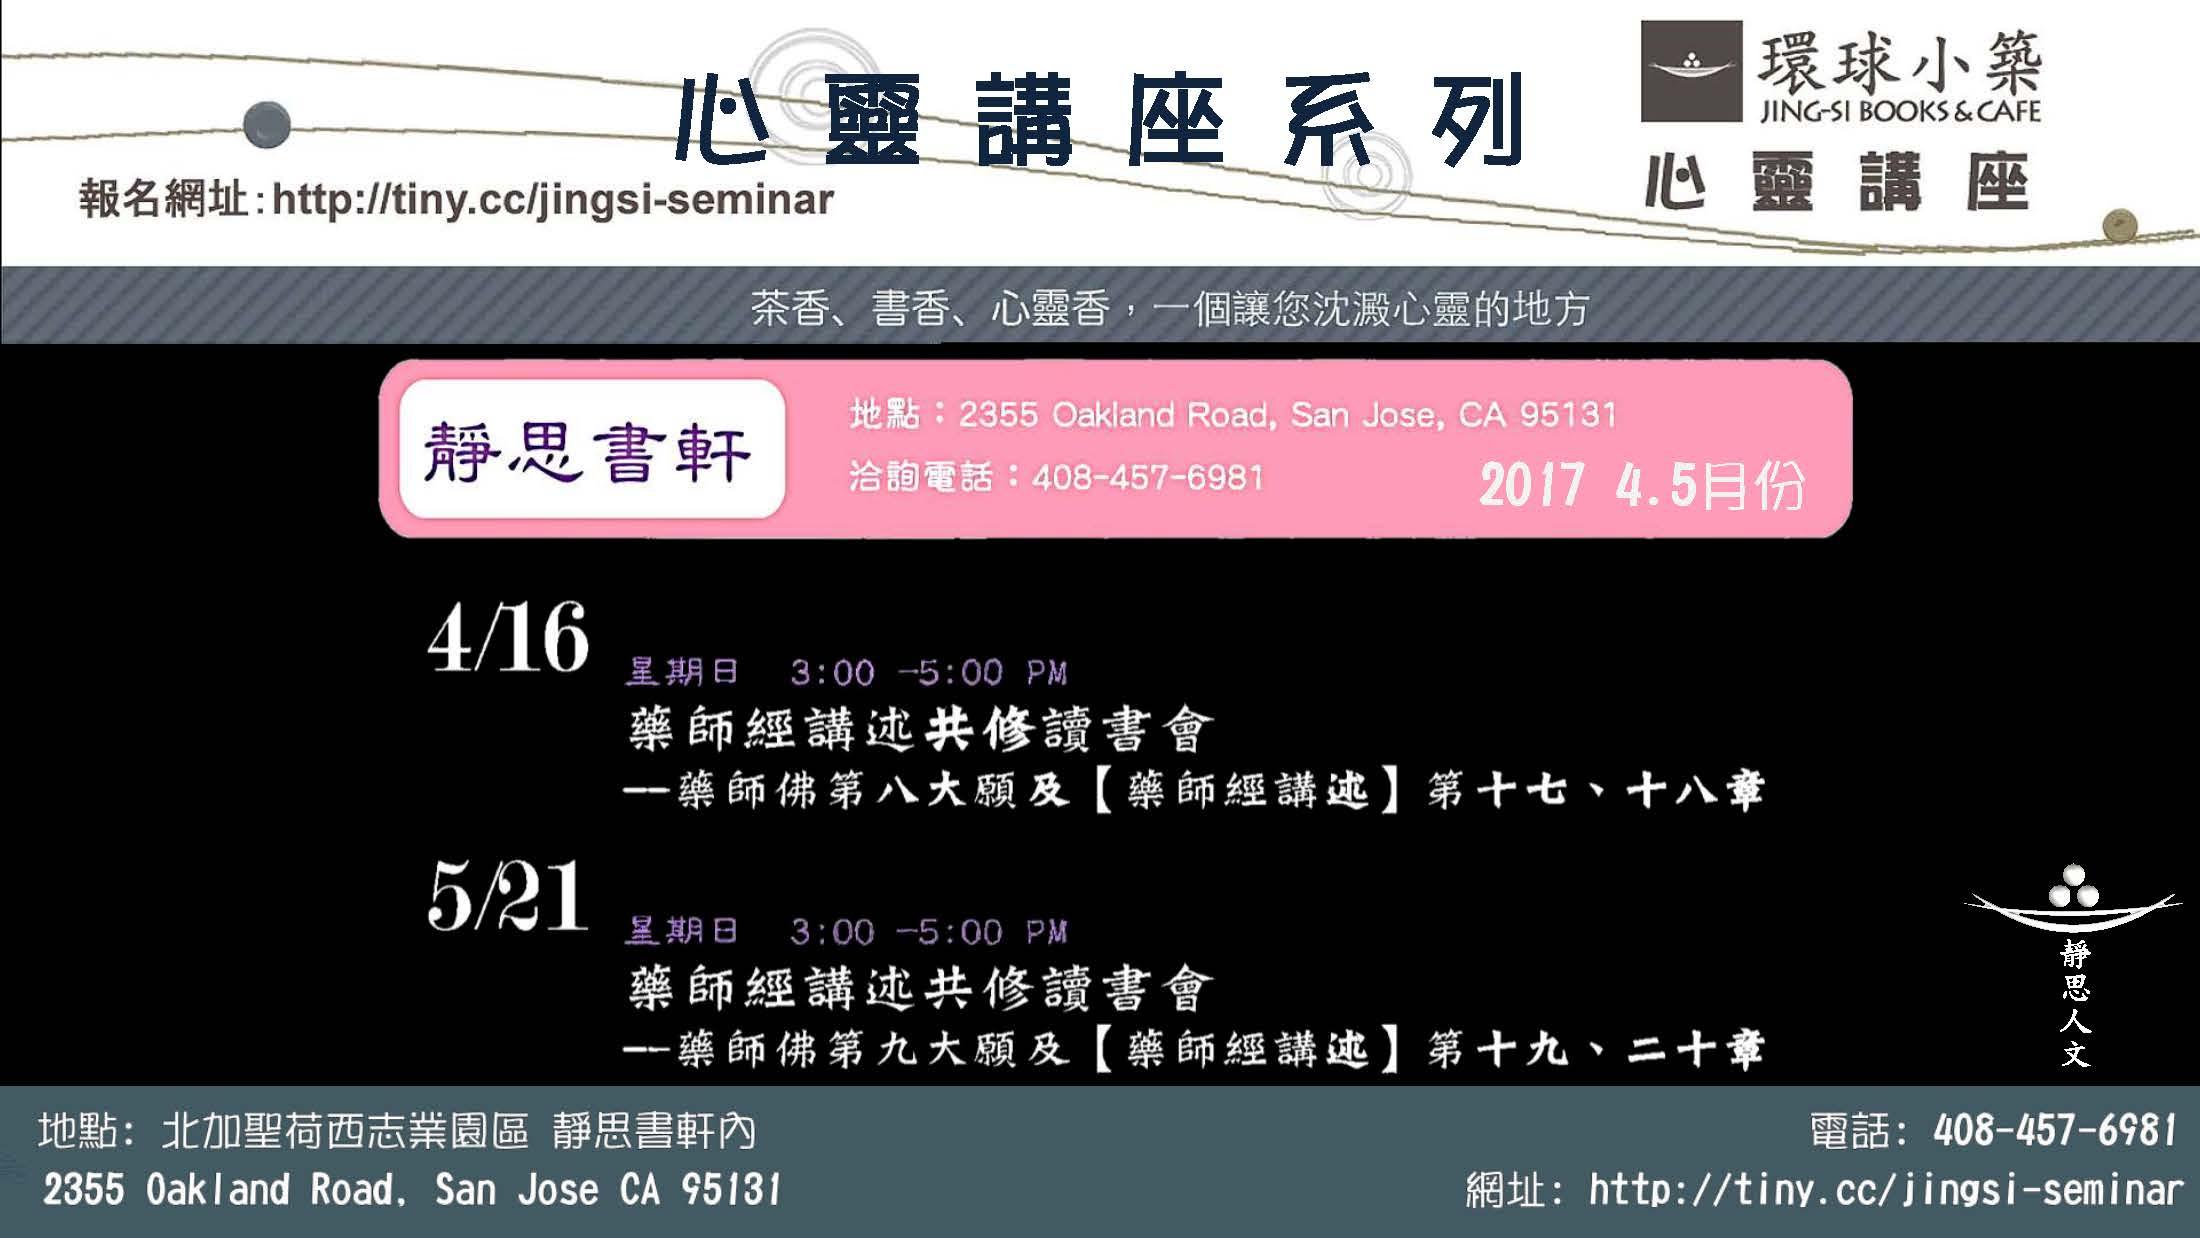 北加四, 五月份靜思人文活動_Page_4